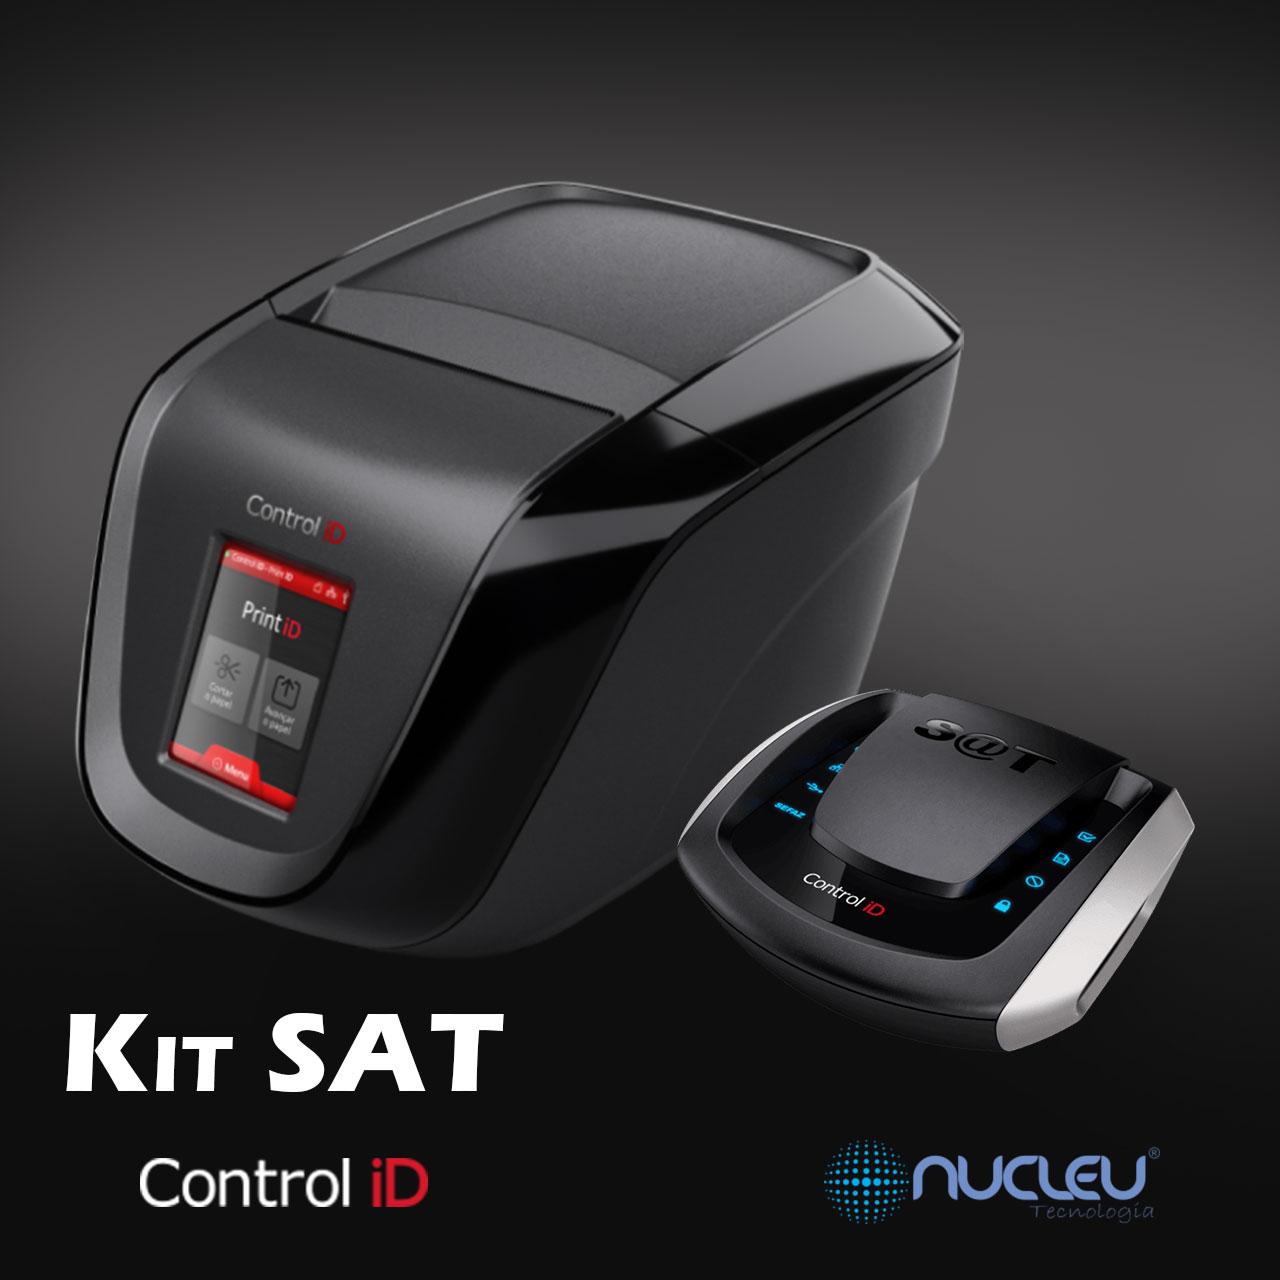 Kit SAT - Control iD